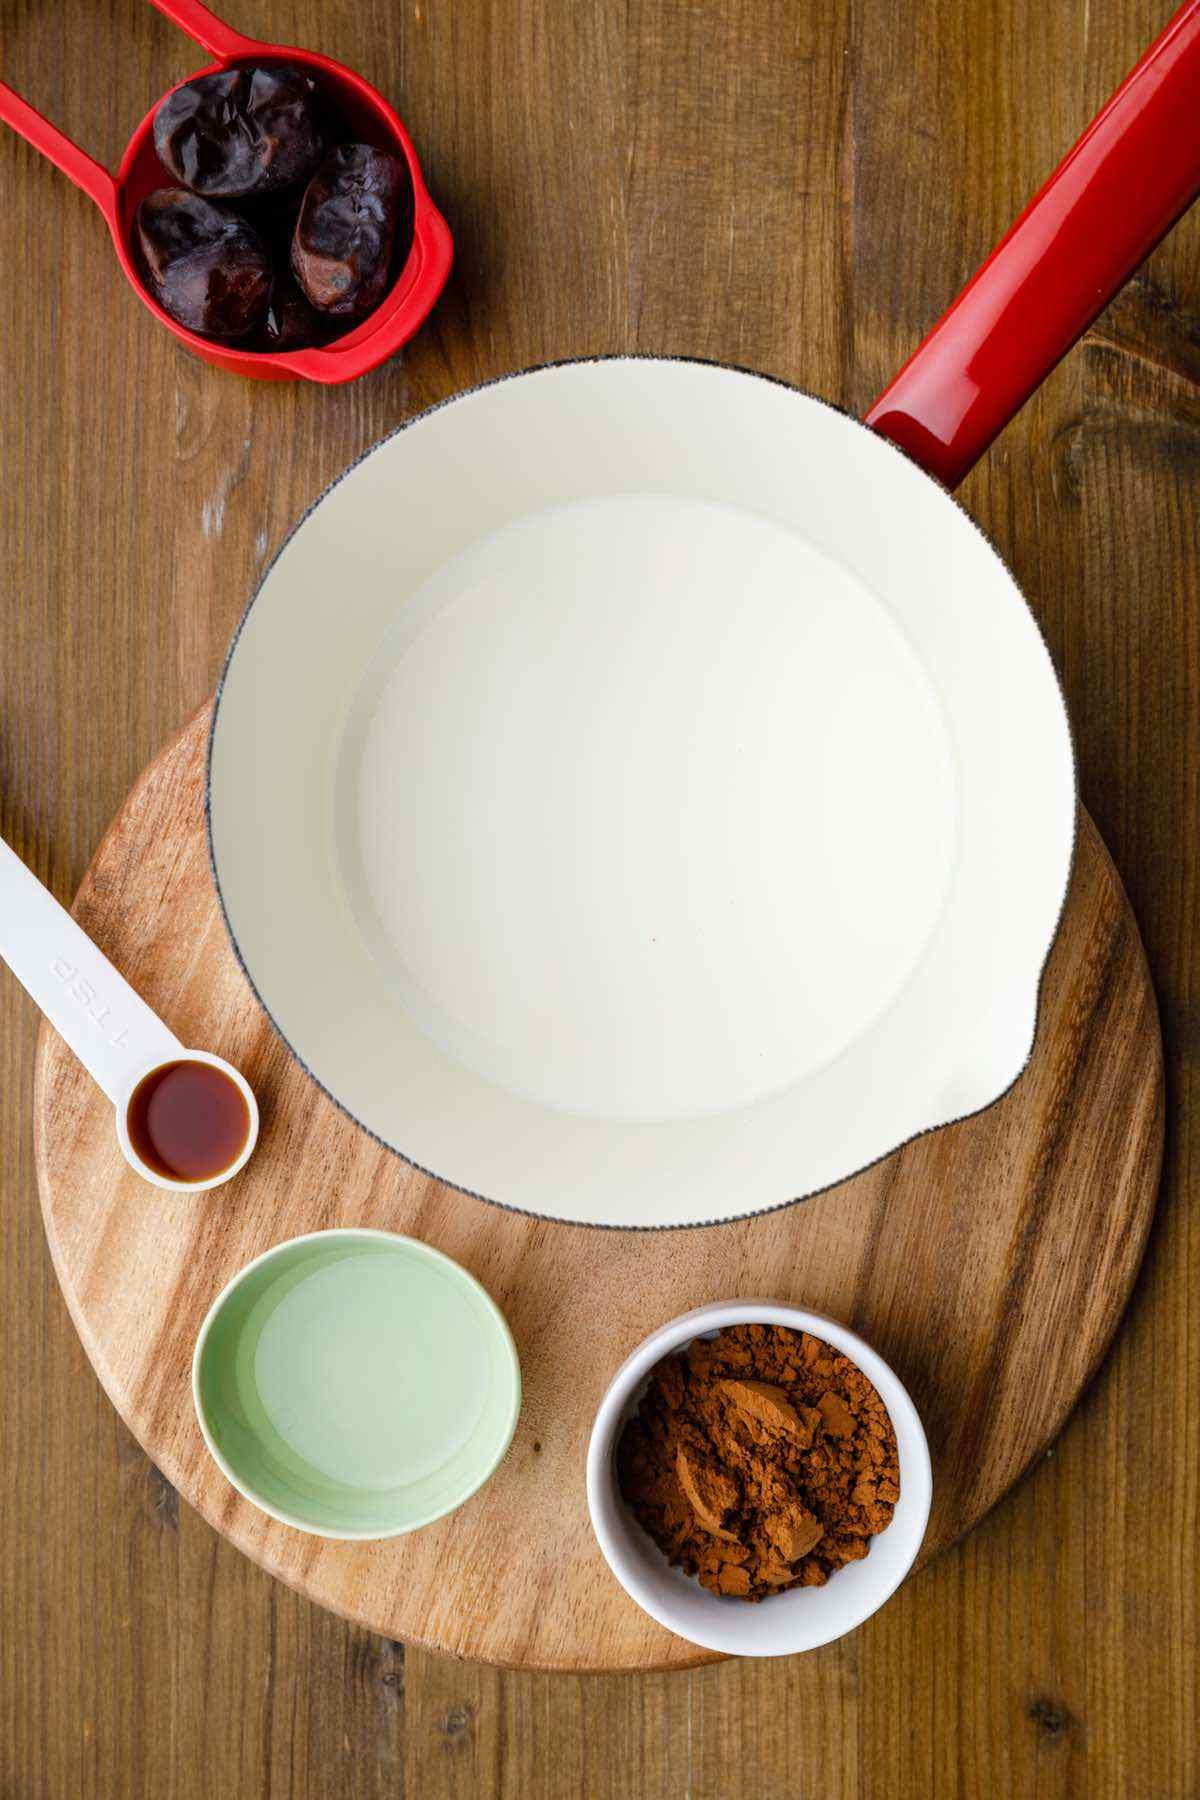 preparing ganache dip ingredients